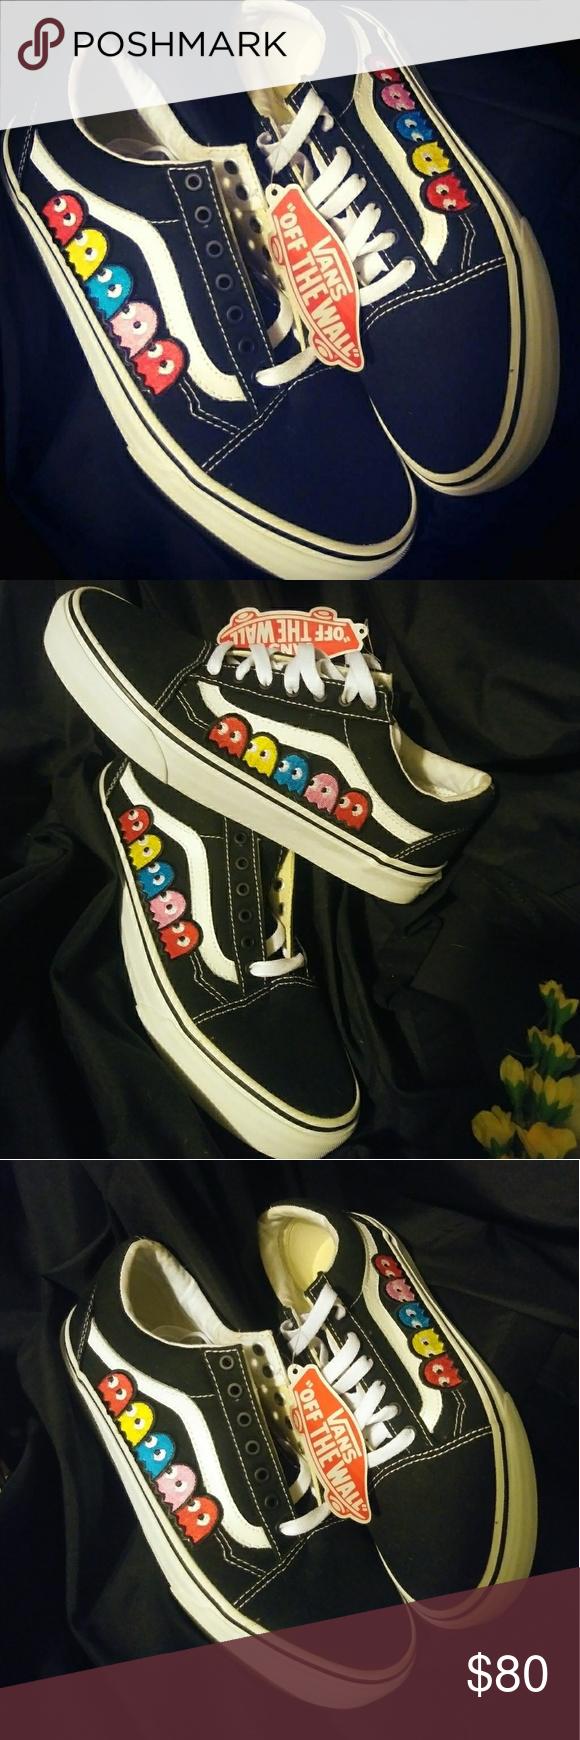 f8625fa2673 ✂ 🏷️VANS custom 'Old Skool' (Pac Man) Vans 'Old Skool' black ...